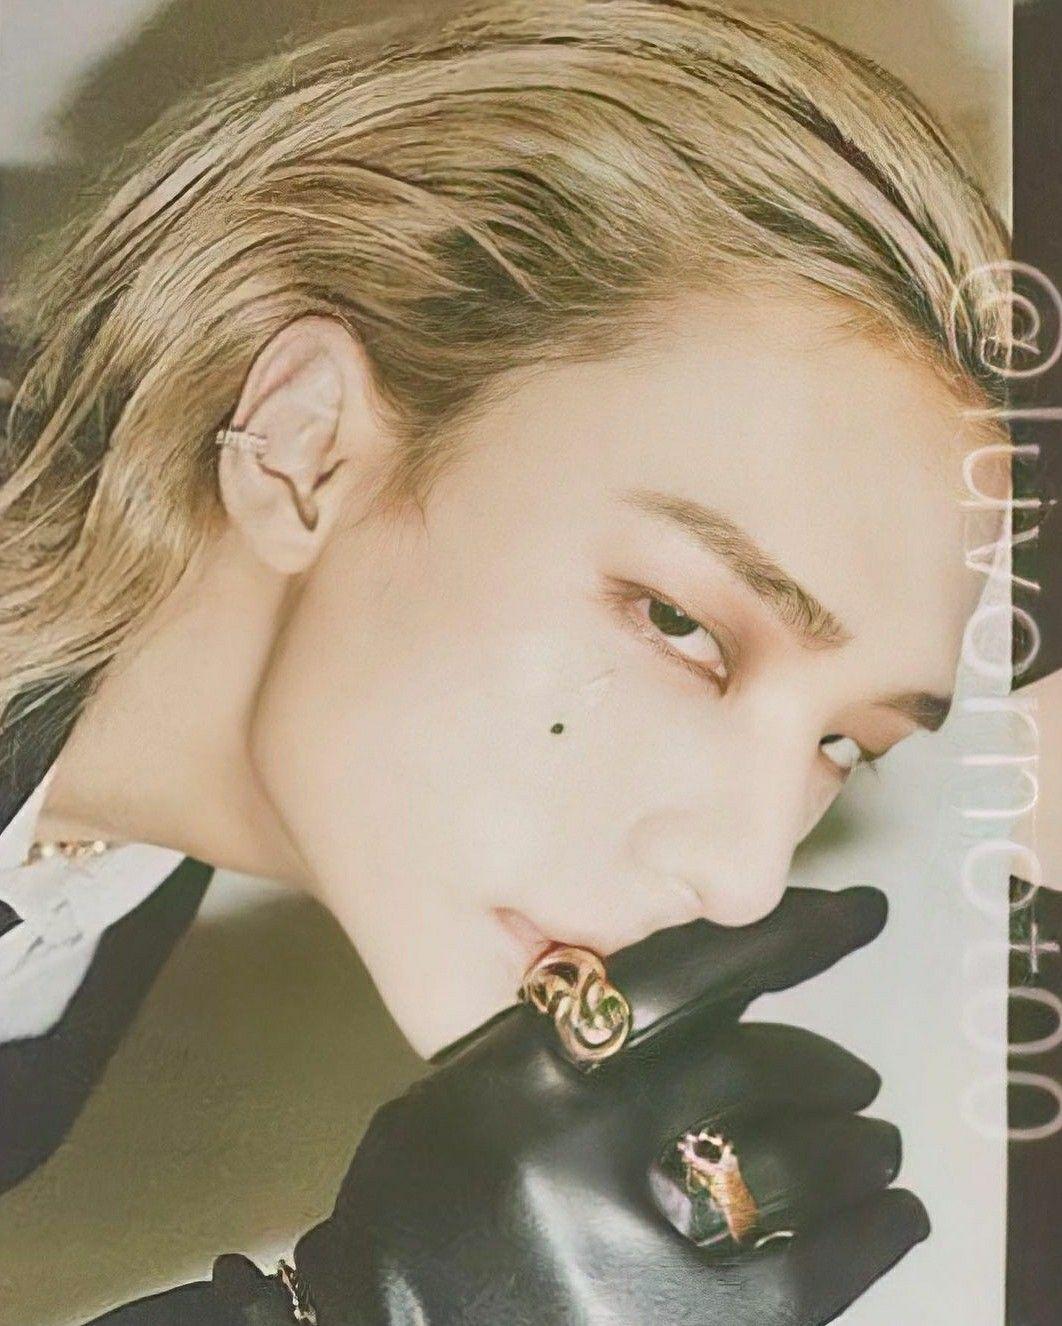 I M Dead In 2021 Boy Crush Kpop Idol Jpop